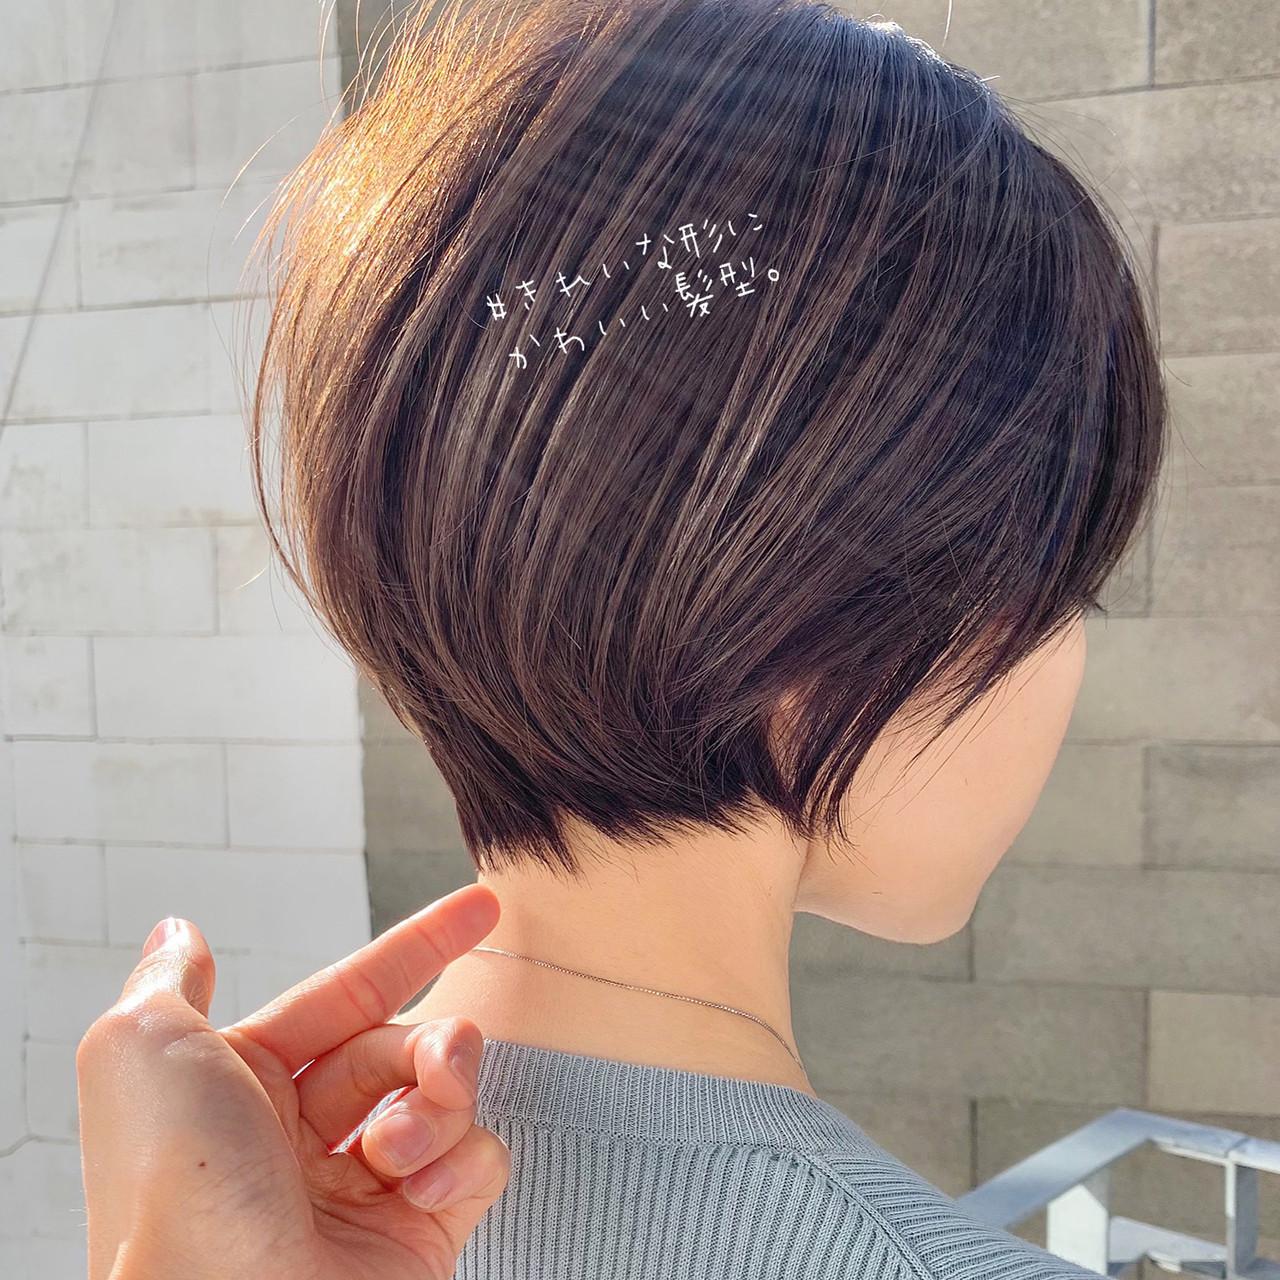 ショート 大人かわいい ショートヘア ナチュラル ヘアスタイルや髪型の写真・画像   ショートボブの匠【 山内大成 】『i.hair』 / 『 i. 』 omotesando